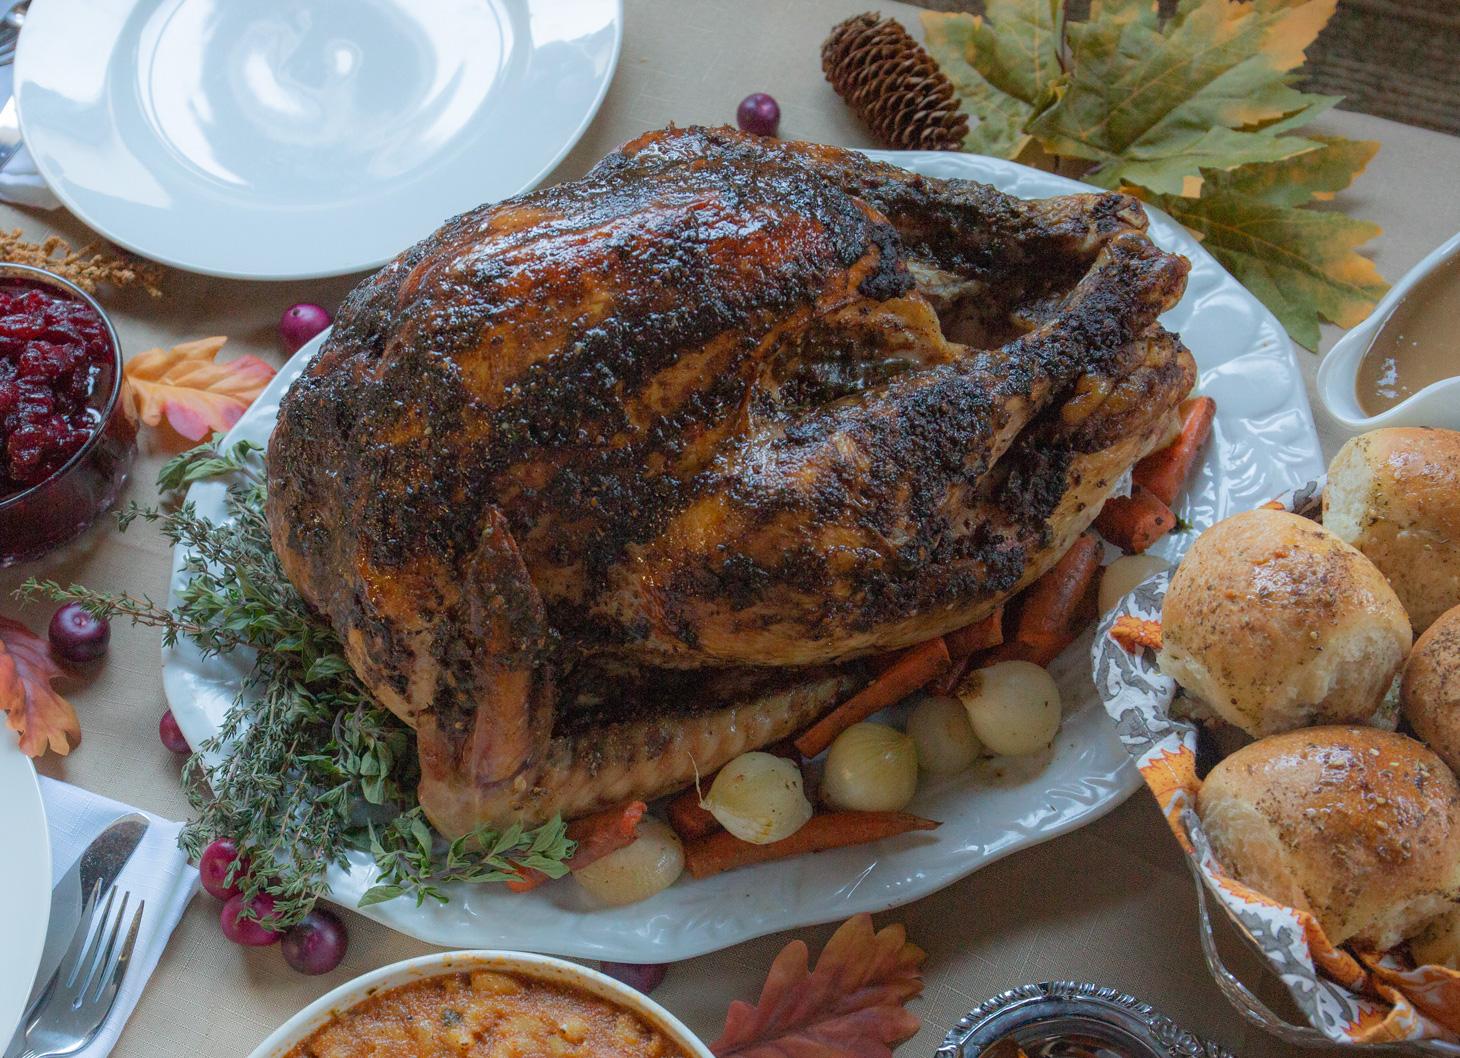 h549-roasted-turkey-with-porcini-mushroom-rub.jpg